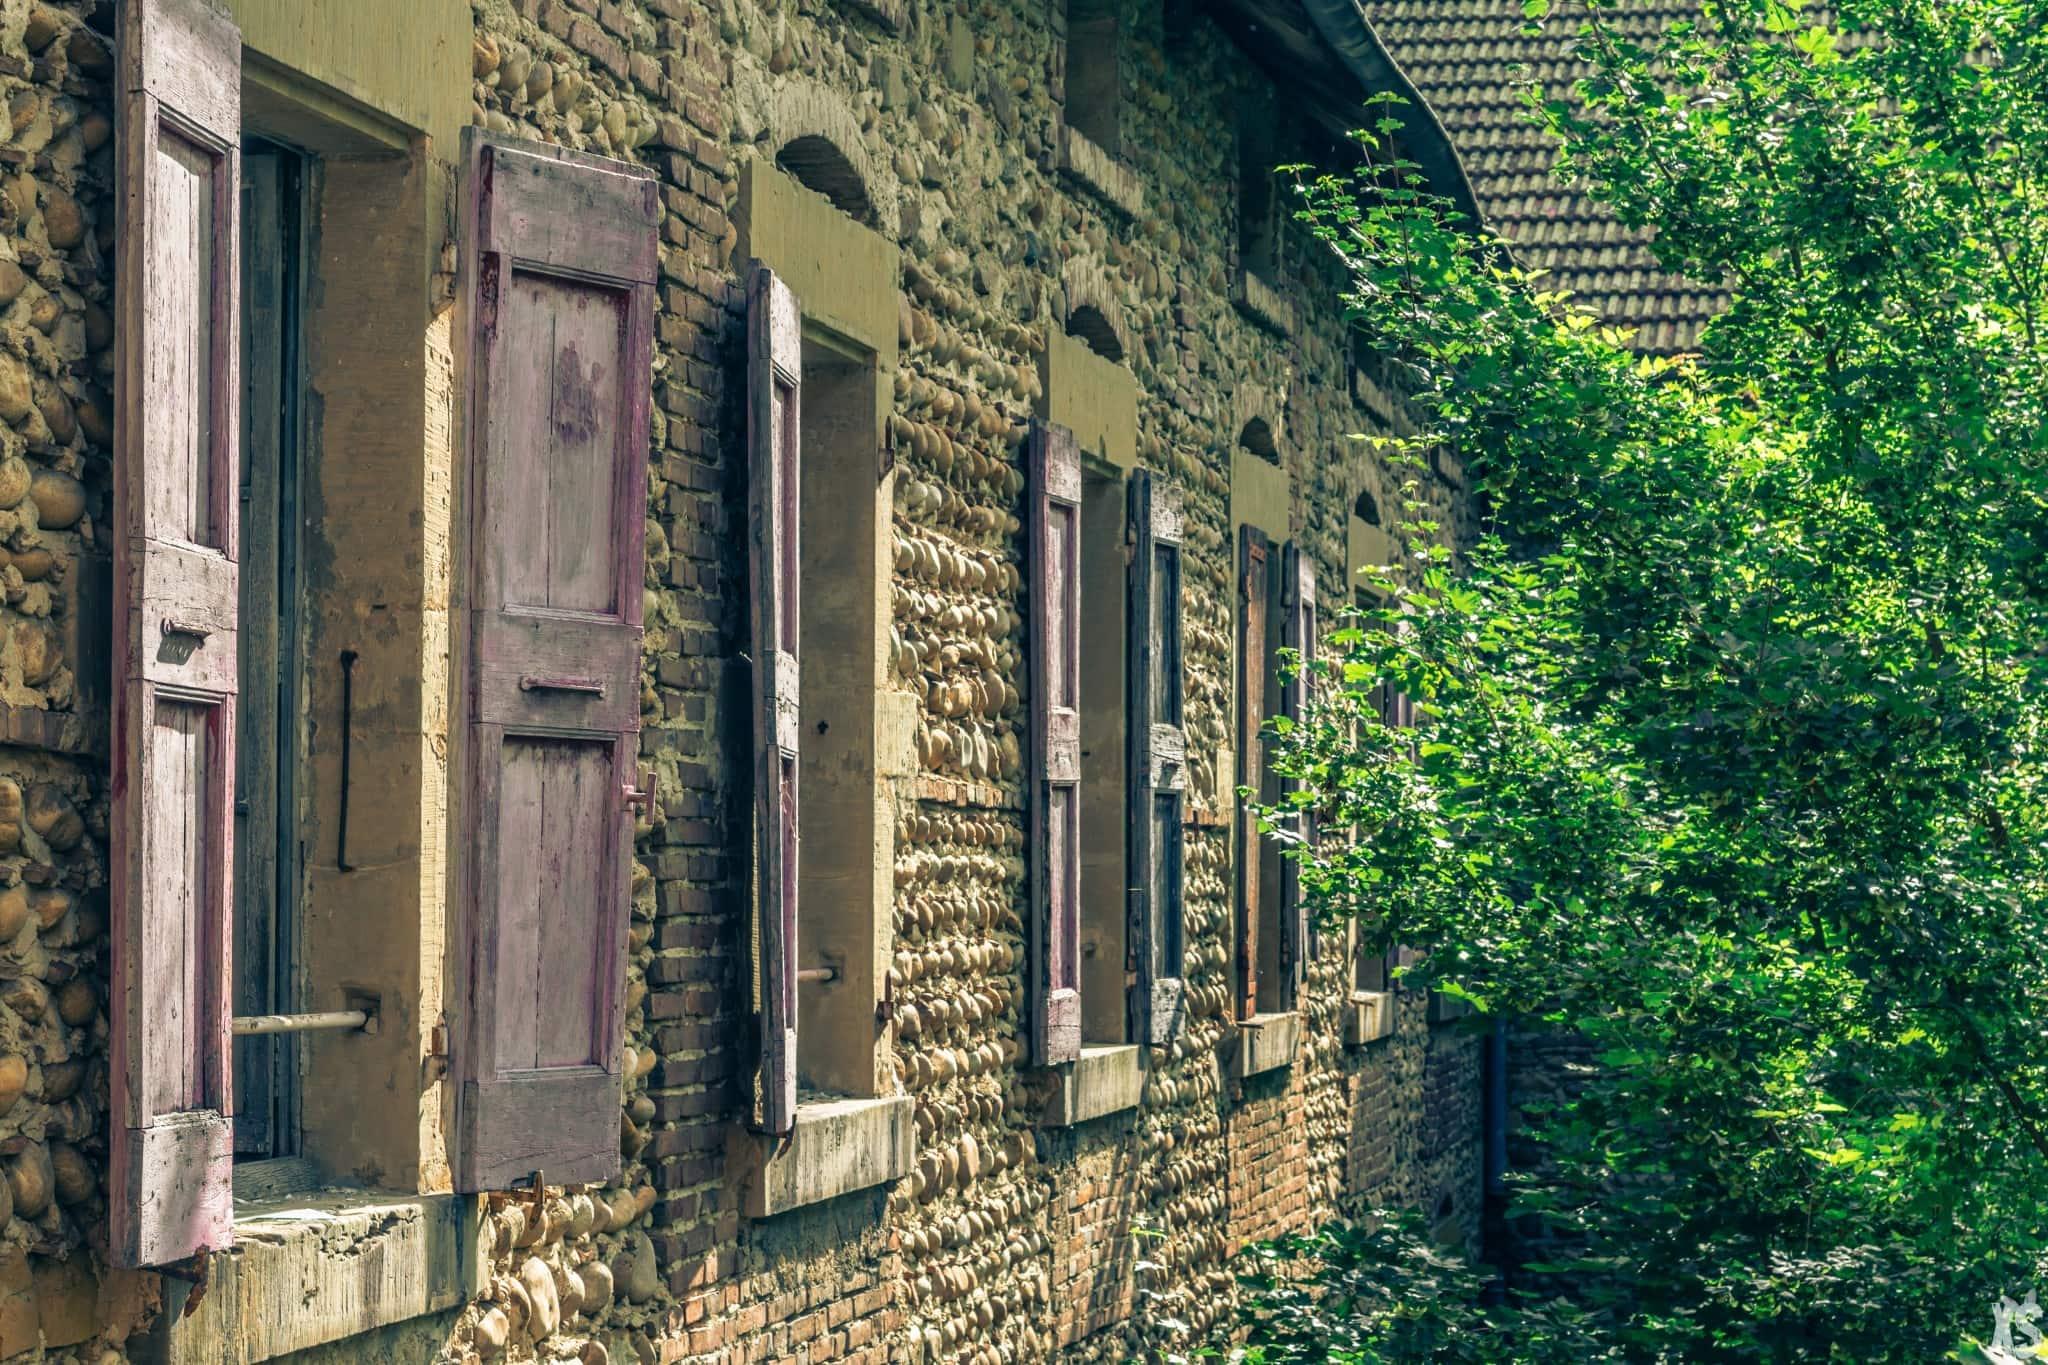 Couvent abandonné en France | urbexsession.com/couvent-pierre-dufour | Urbex France